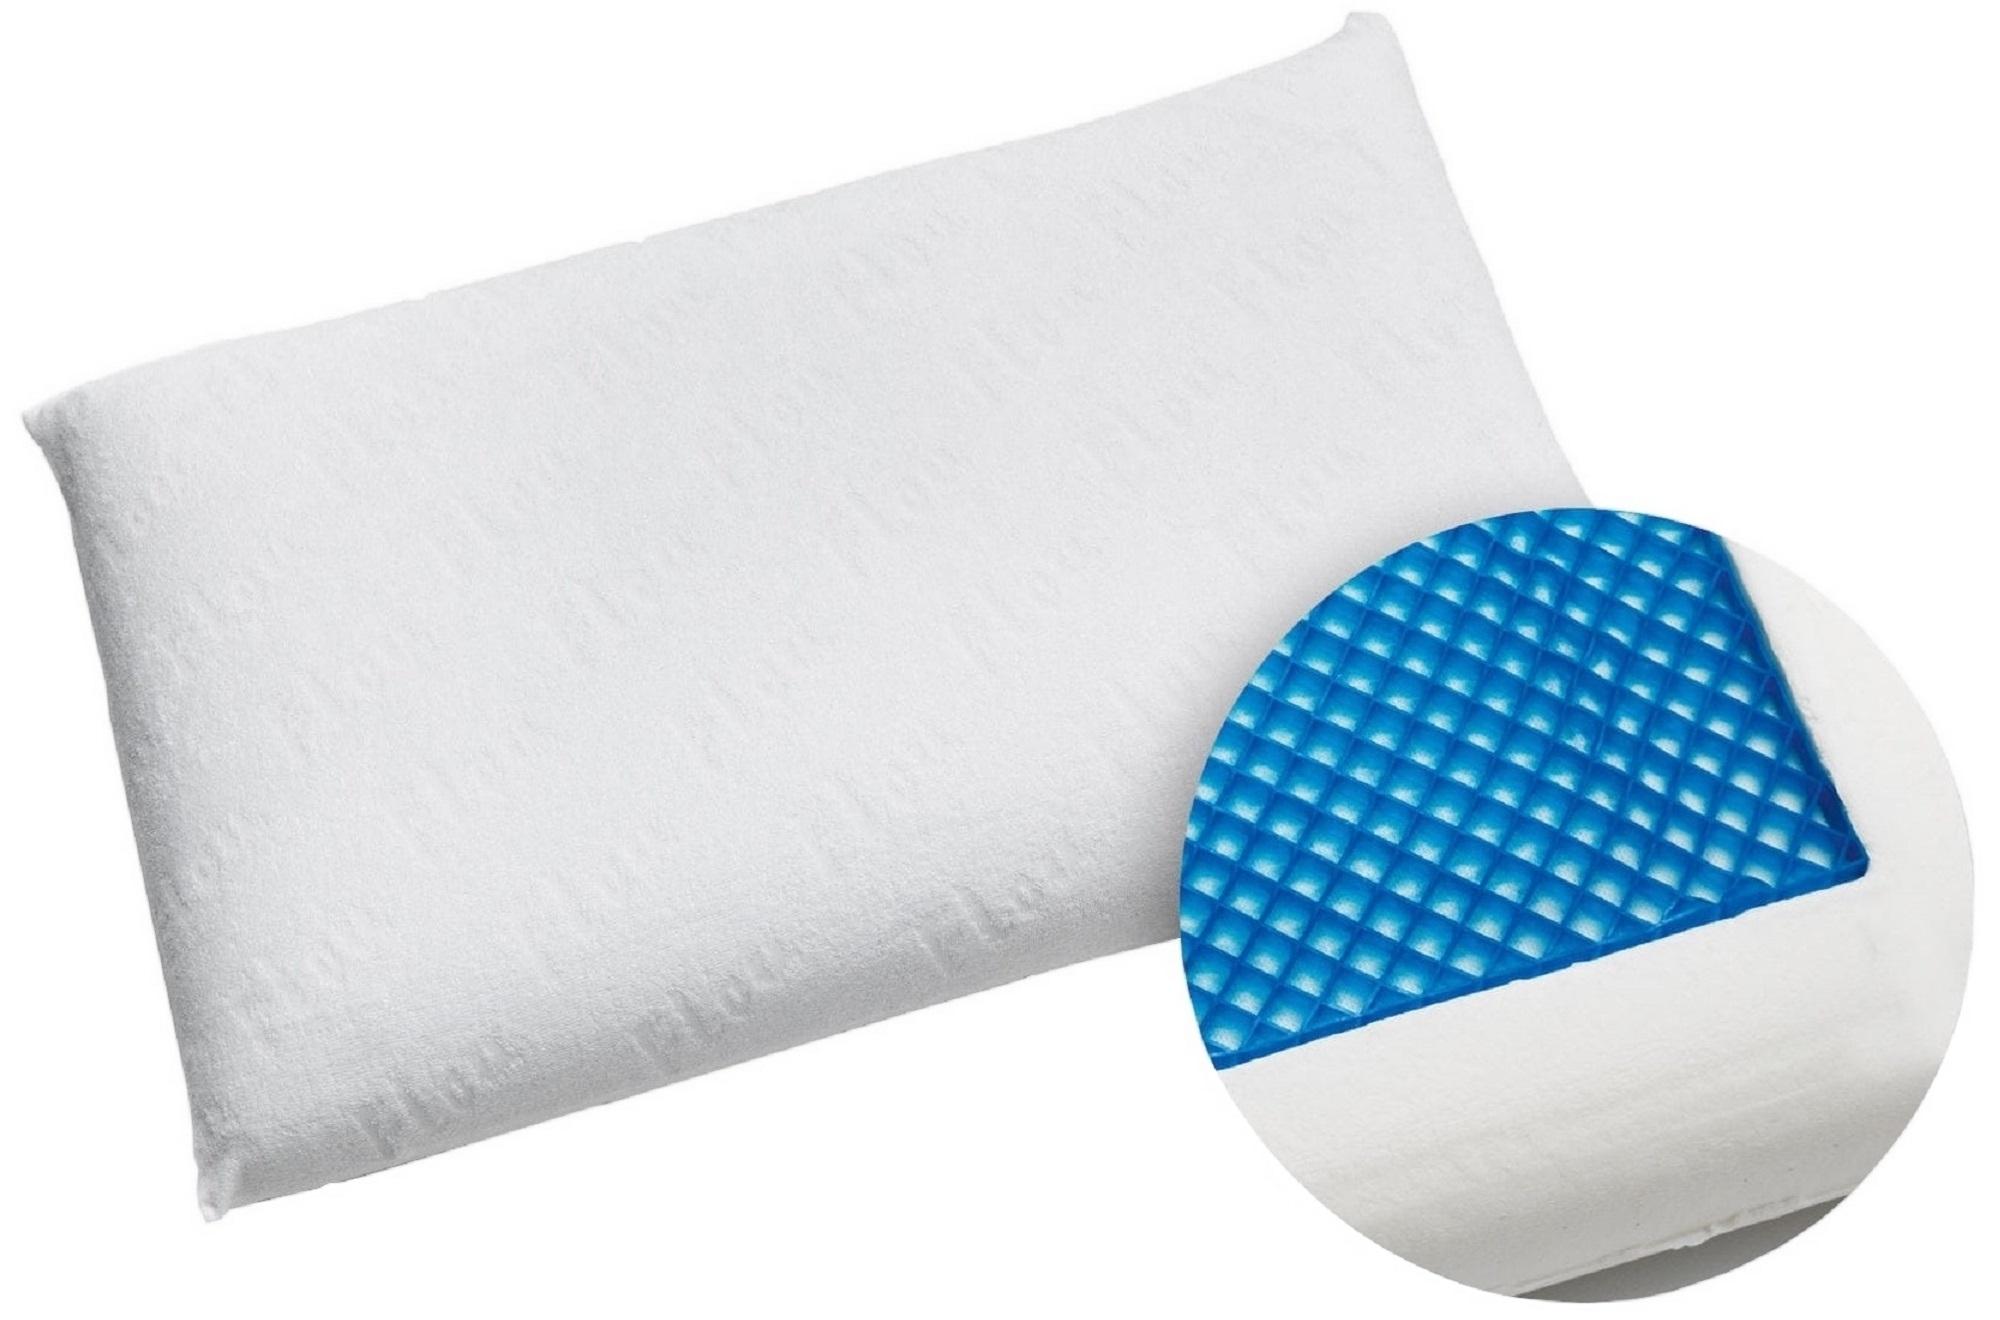 kopfkissen gel bettdecken matratzen concord fabrikverkauf astronauten bettw sche schlafzimmer. Black Bedroom Furniture Sets. Home Design Ideas